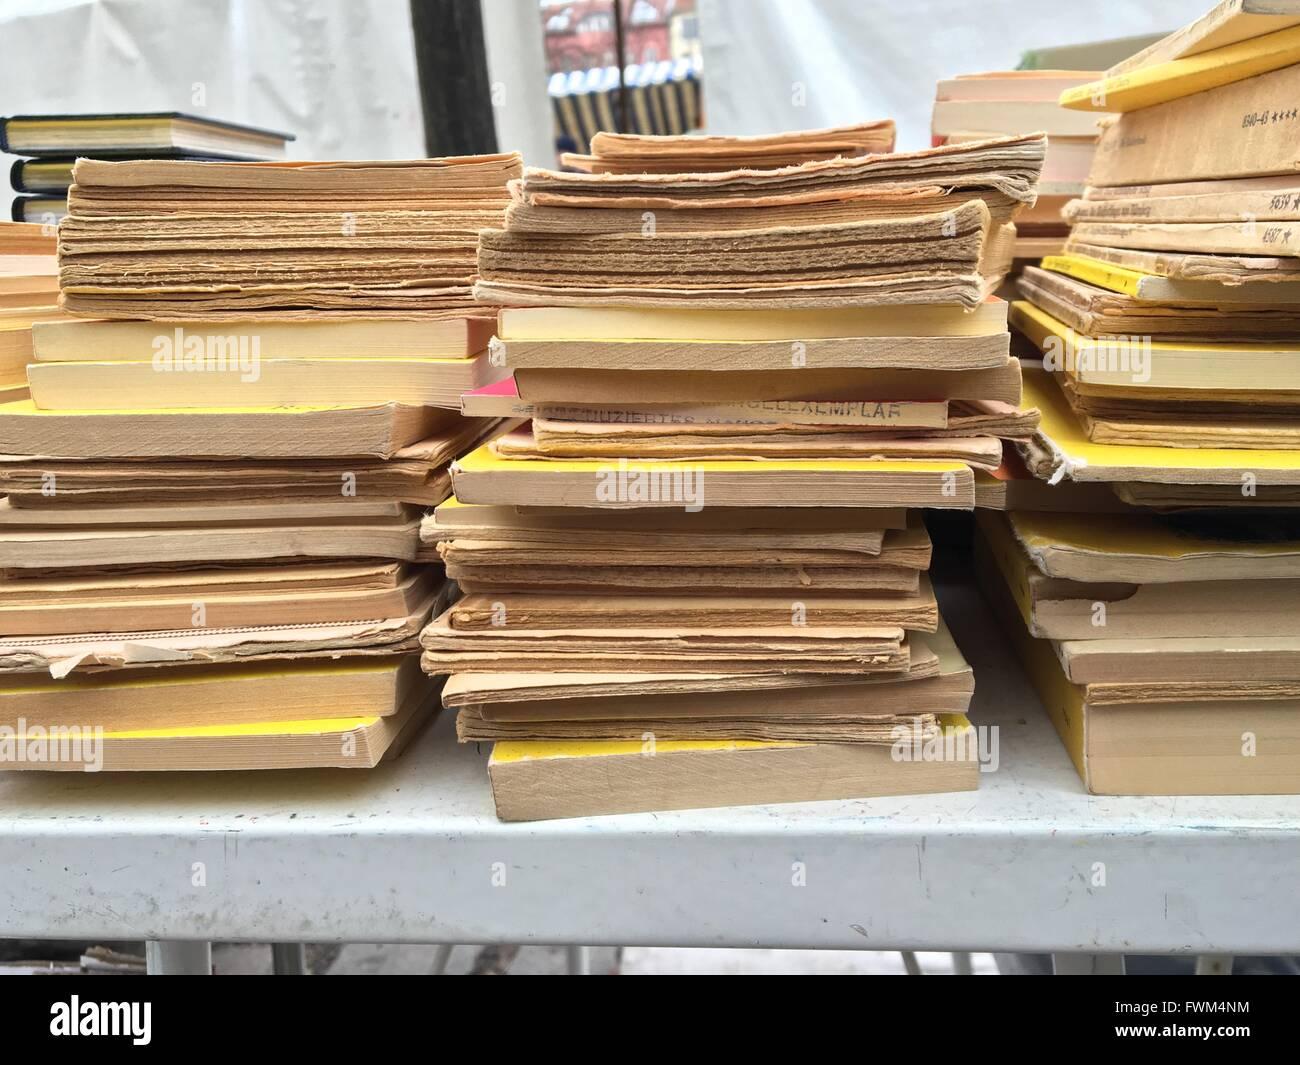 Pile de livres sur la table Photo Stock